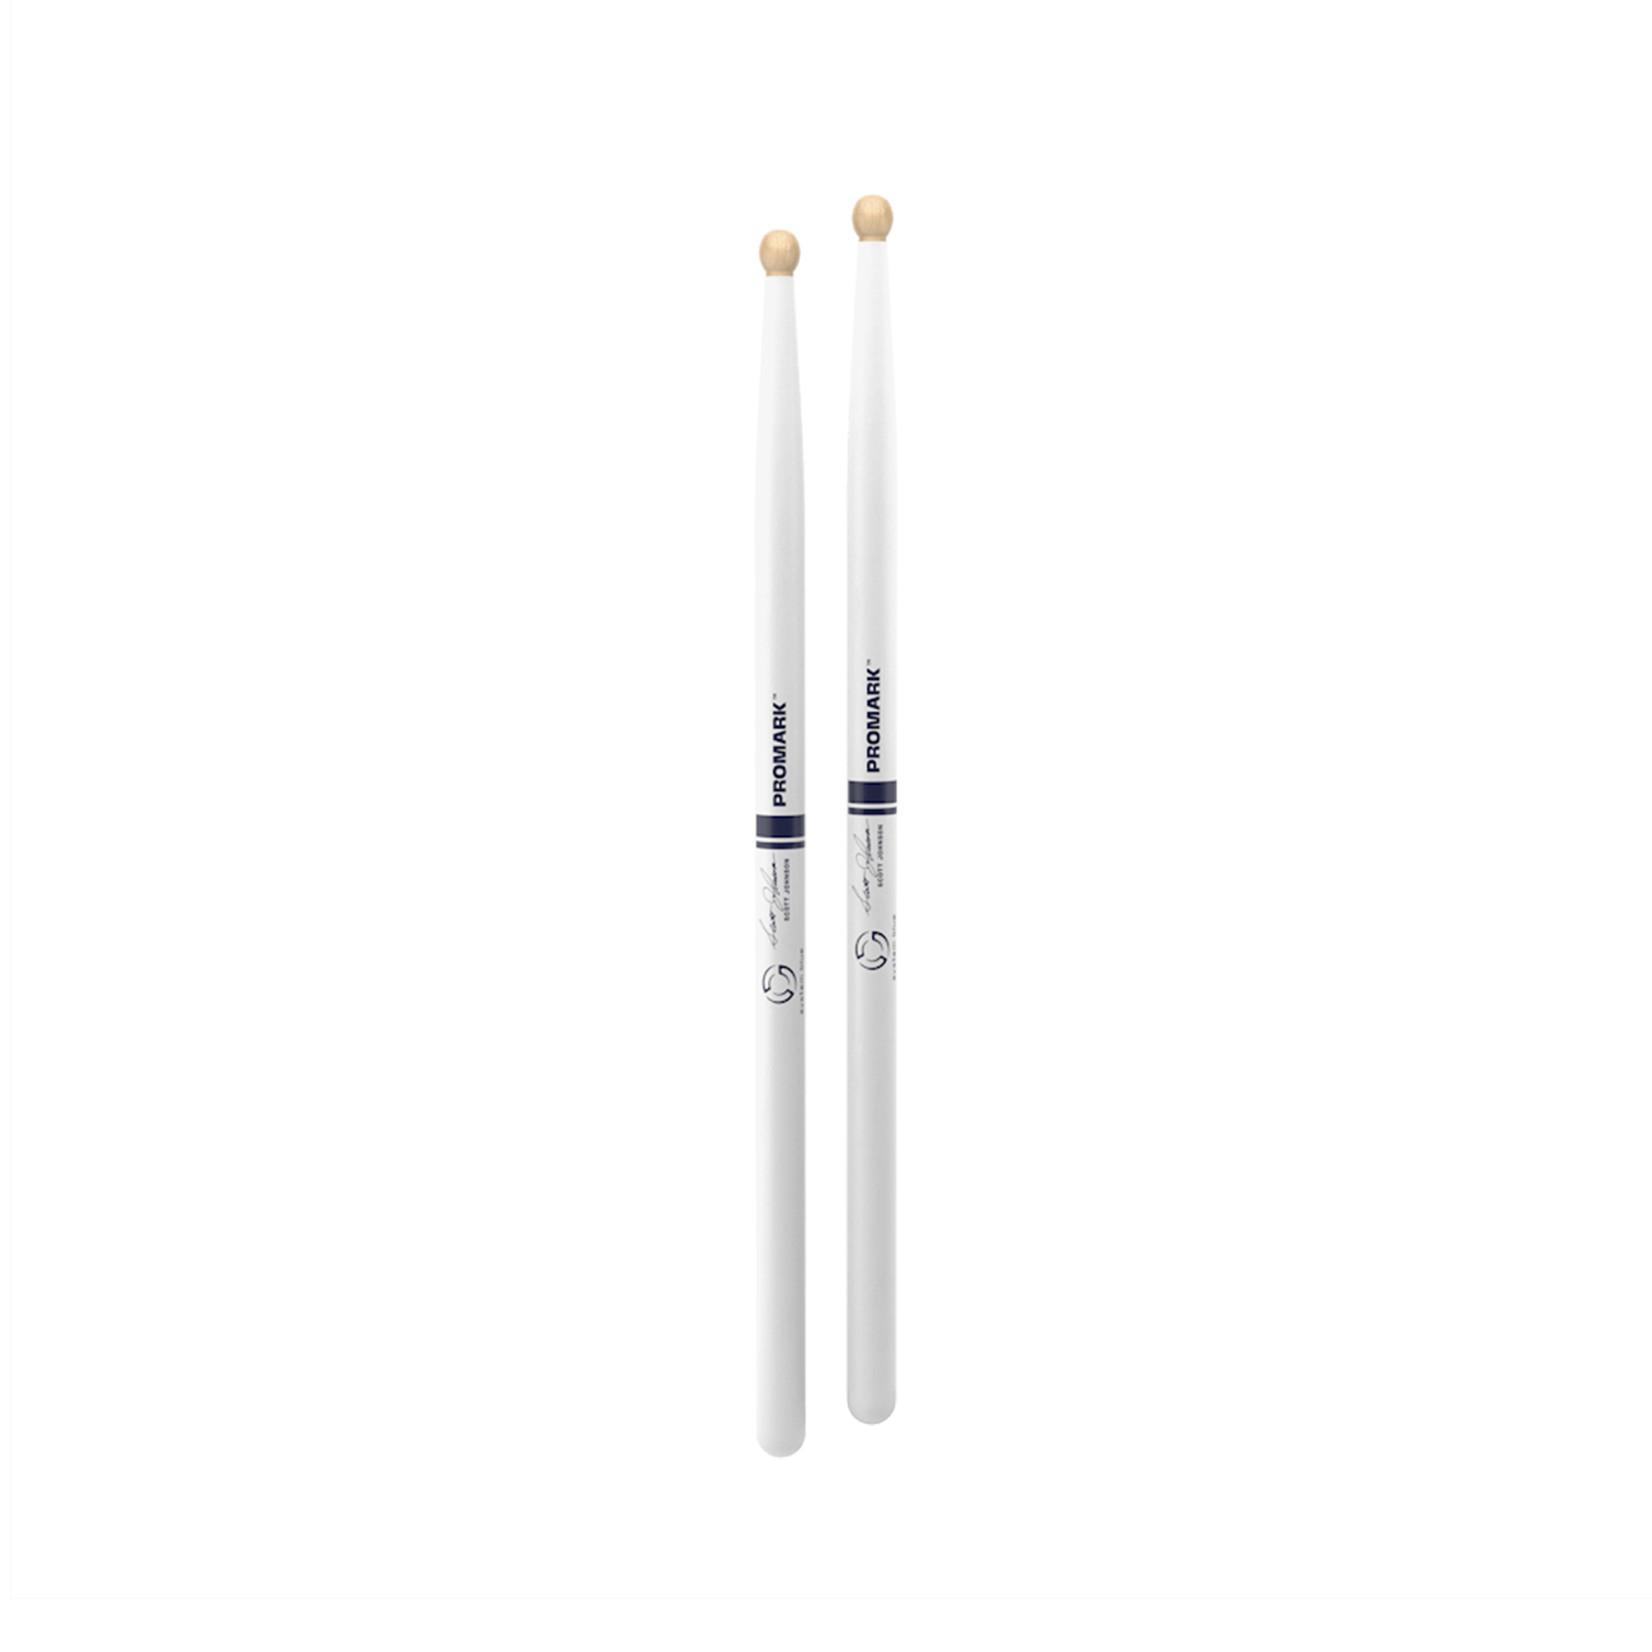 Promark ProMark Scott Johnson DC17 Hickory White Wood Tip Drumsticks